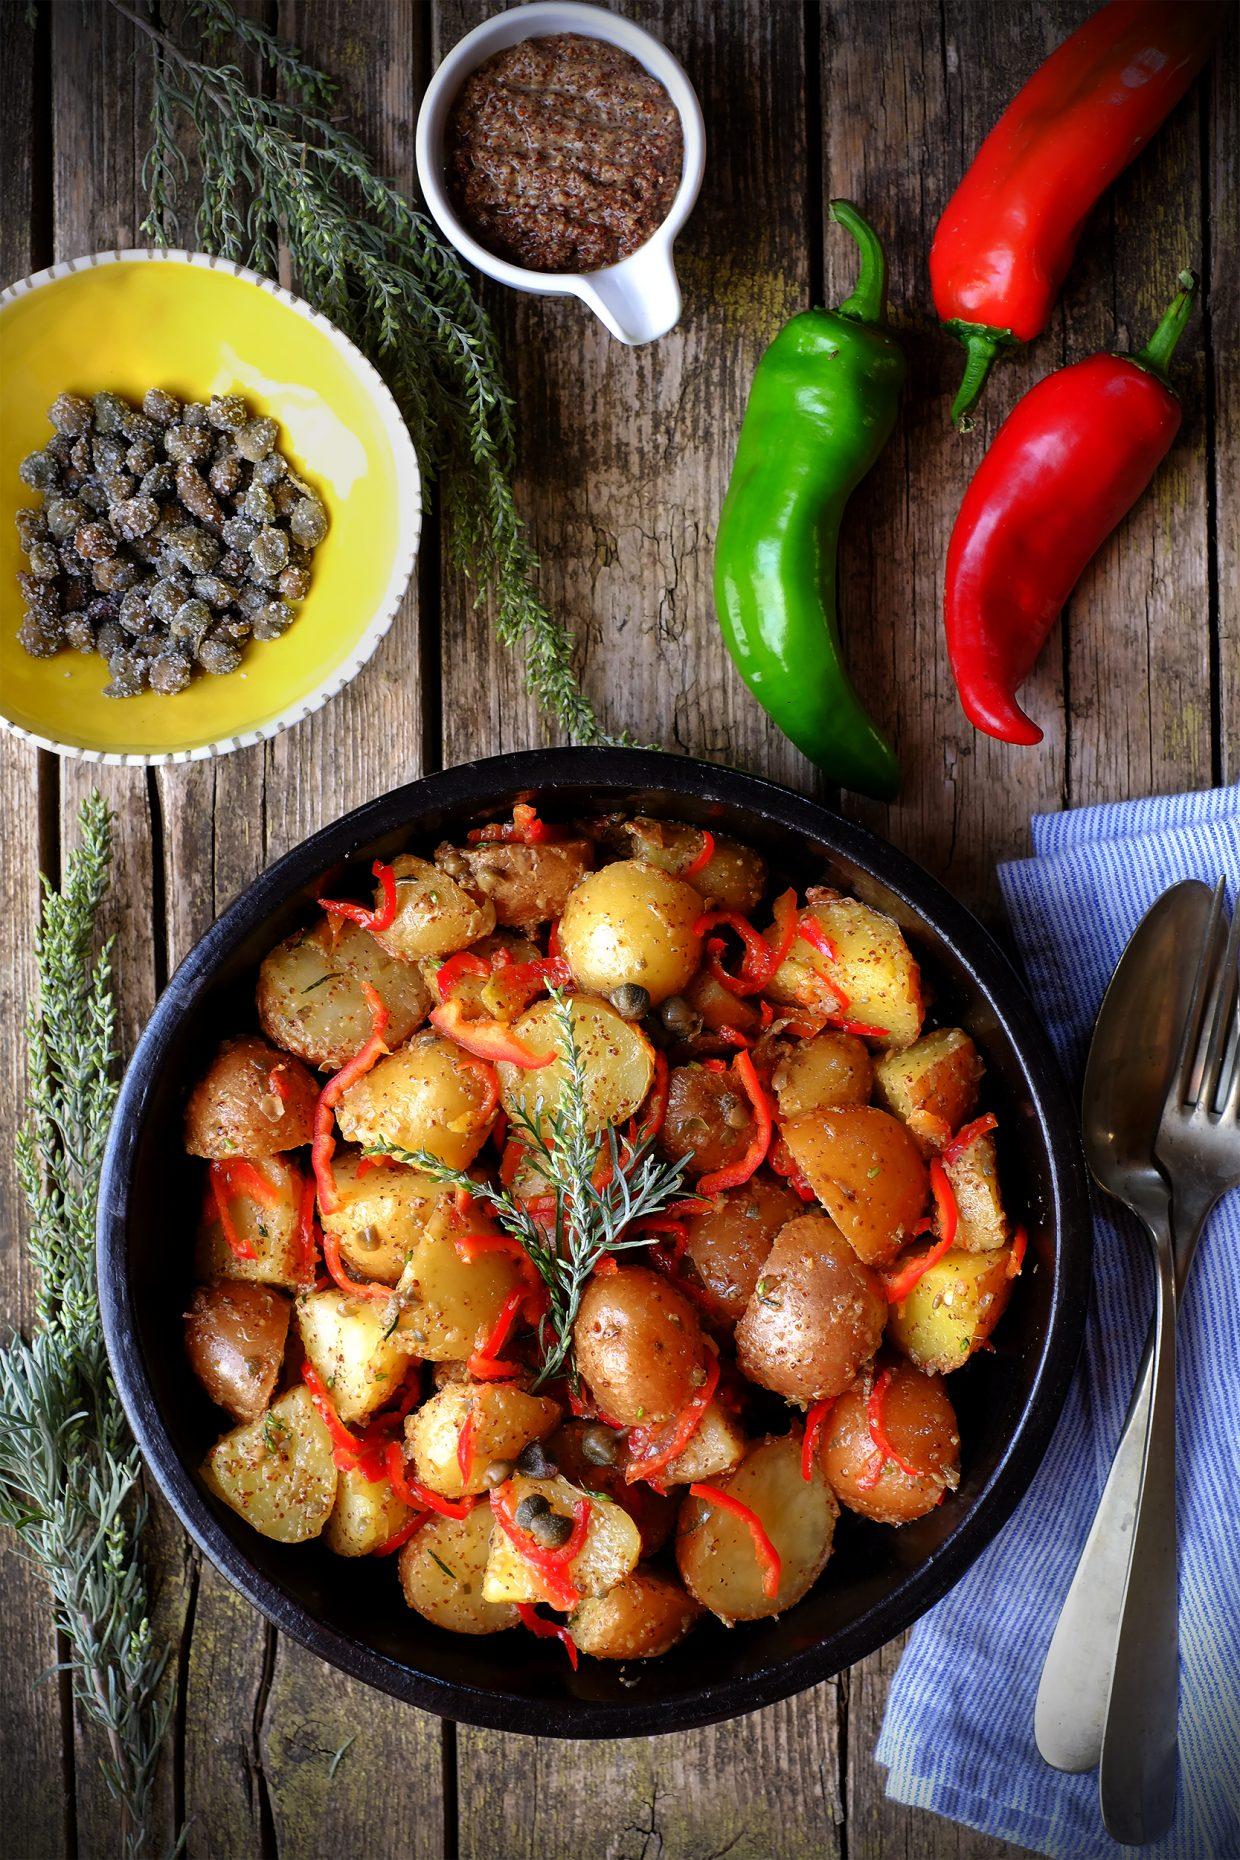 Insalata di patate Monalisa e Laura, con friggitelli rossi e artemisia dei calanchi 54